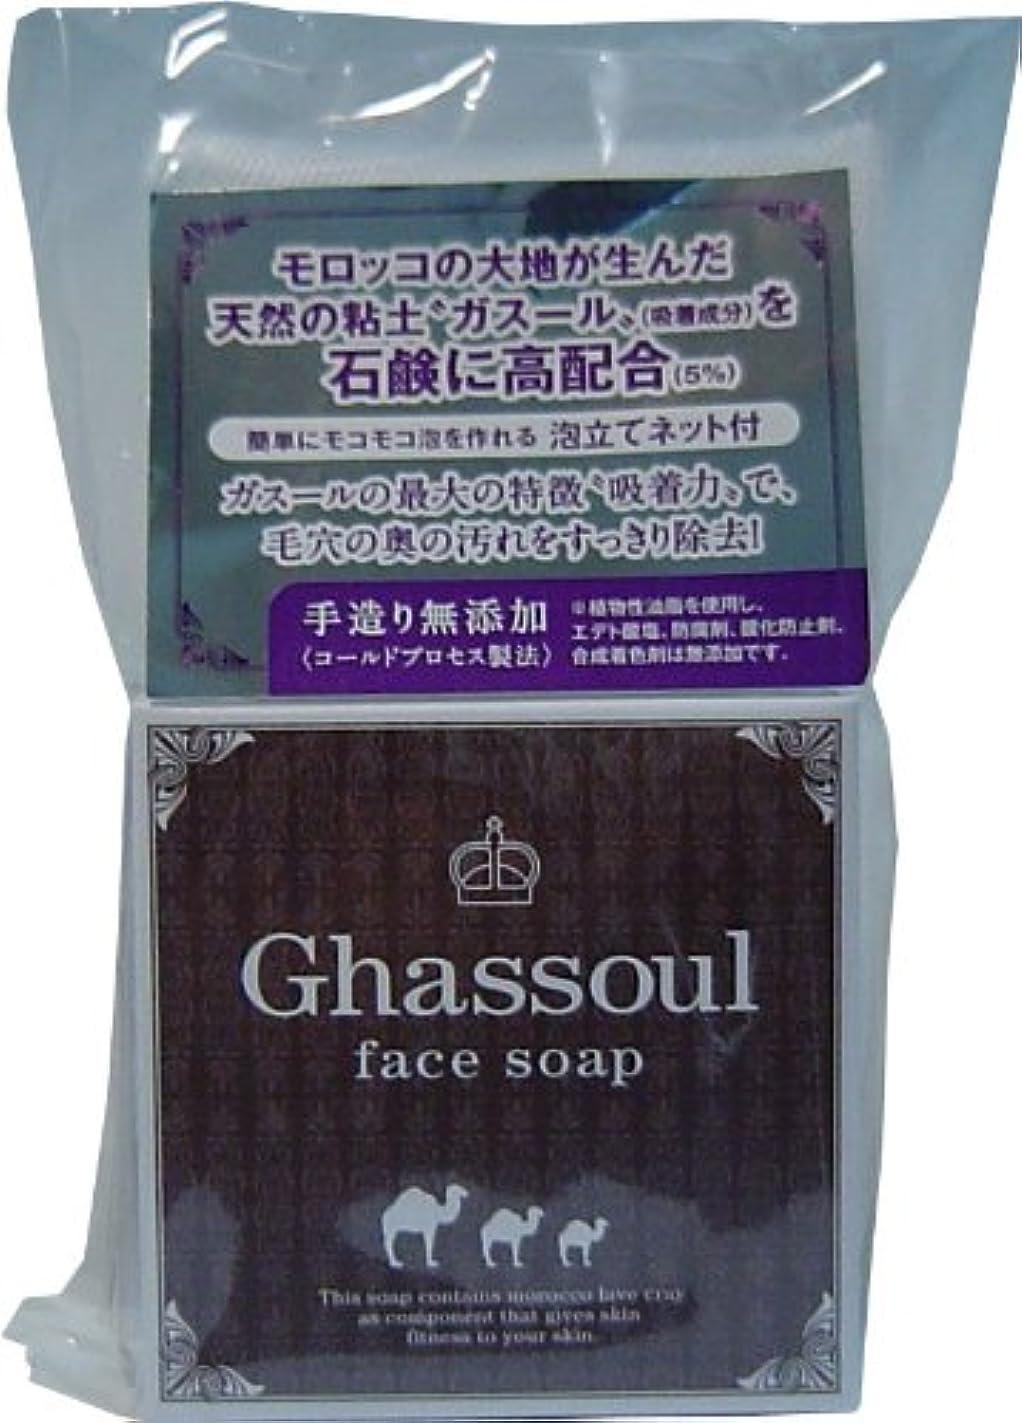 トンネル乳白レンディションGhassoul face soap ガスールフェイスソープ 100g (商品内訳:単品1個)